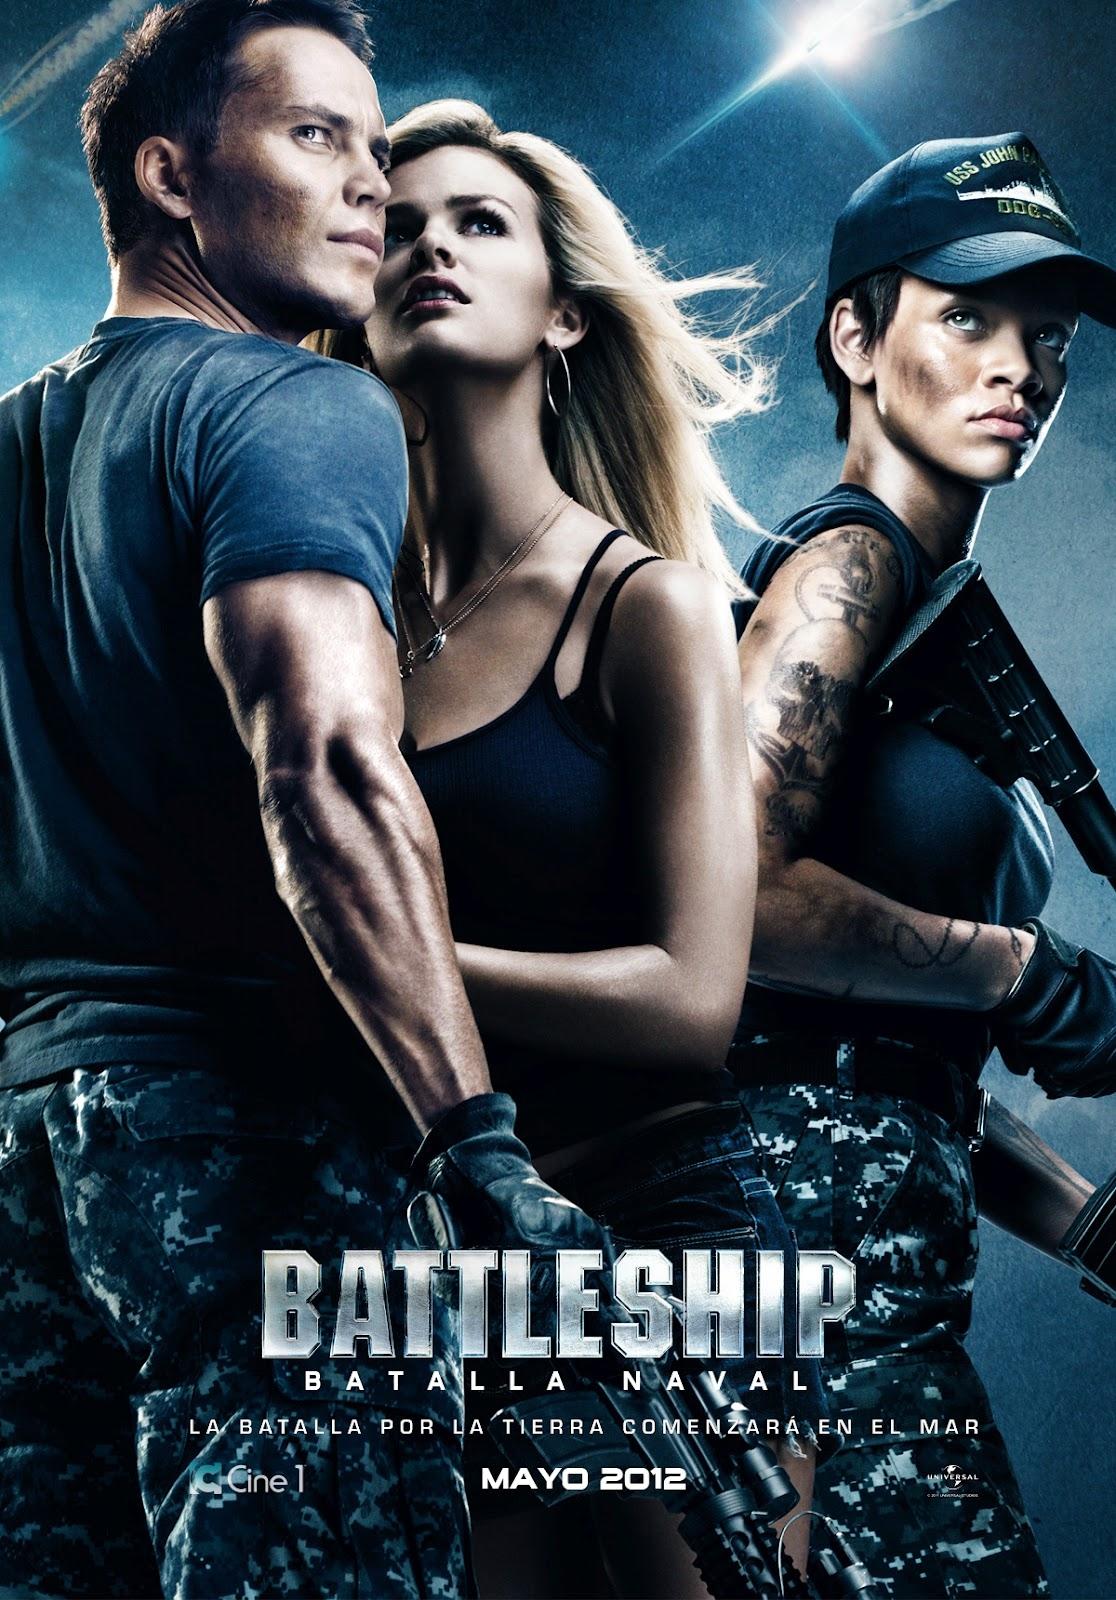 http://3.bp.blogspot.com/-tCmJ5ovS0PQ/UDiEz_GslMI/AAAAAAAACeg/C-iwfycZkH4/s1600/Battleship+Latest+Poster+%281%29.jpg